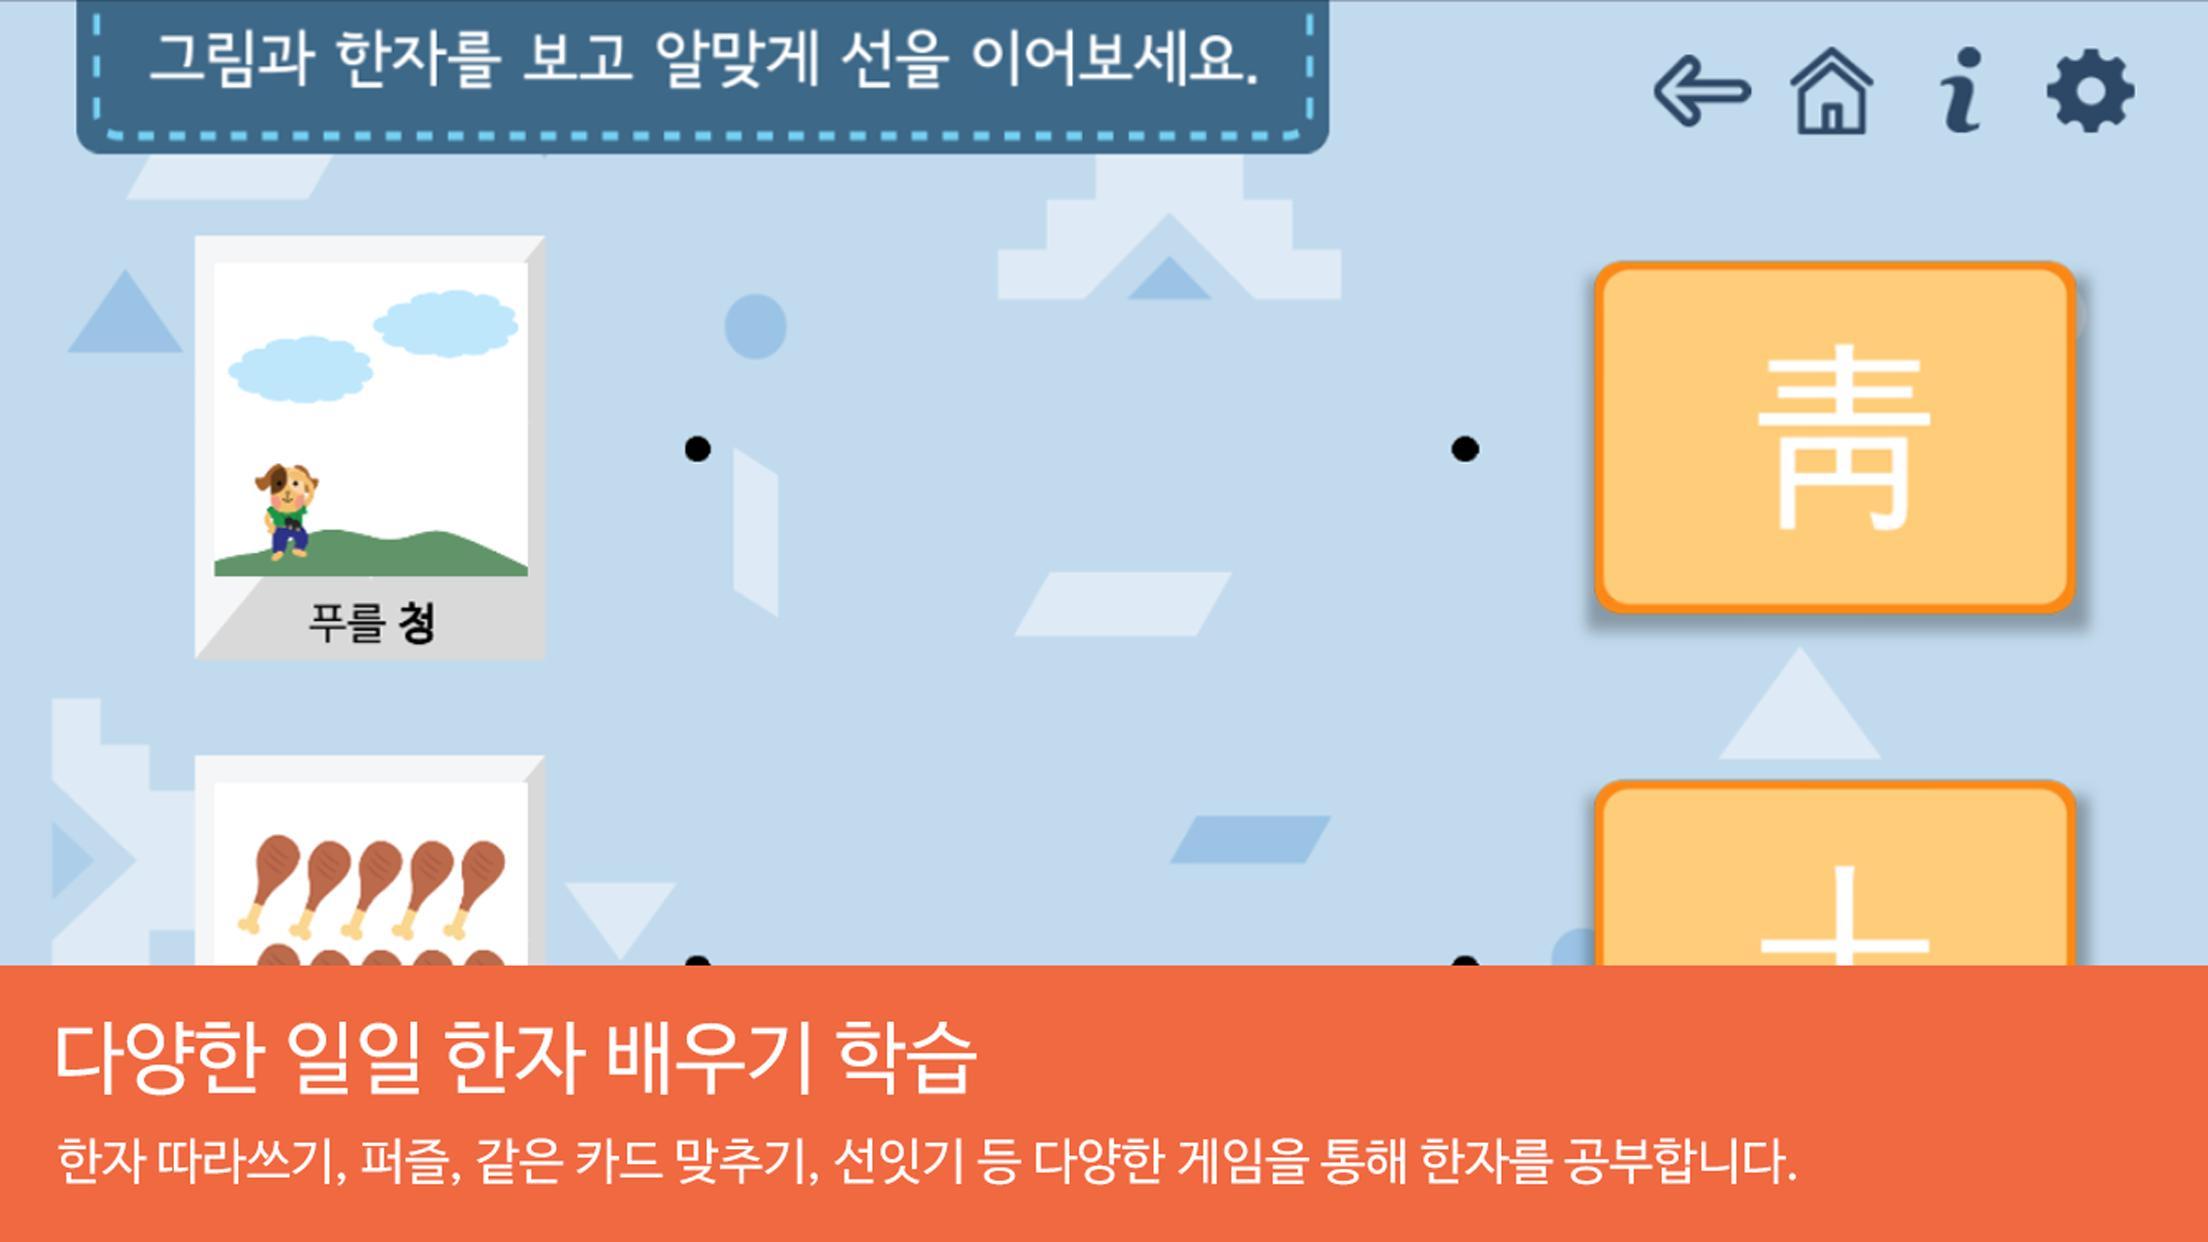 시멘토 교육앱 급수한자 8급(기출문제 제공) 1.5.0 Screenshot 2